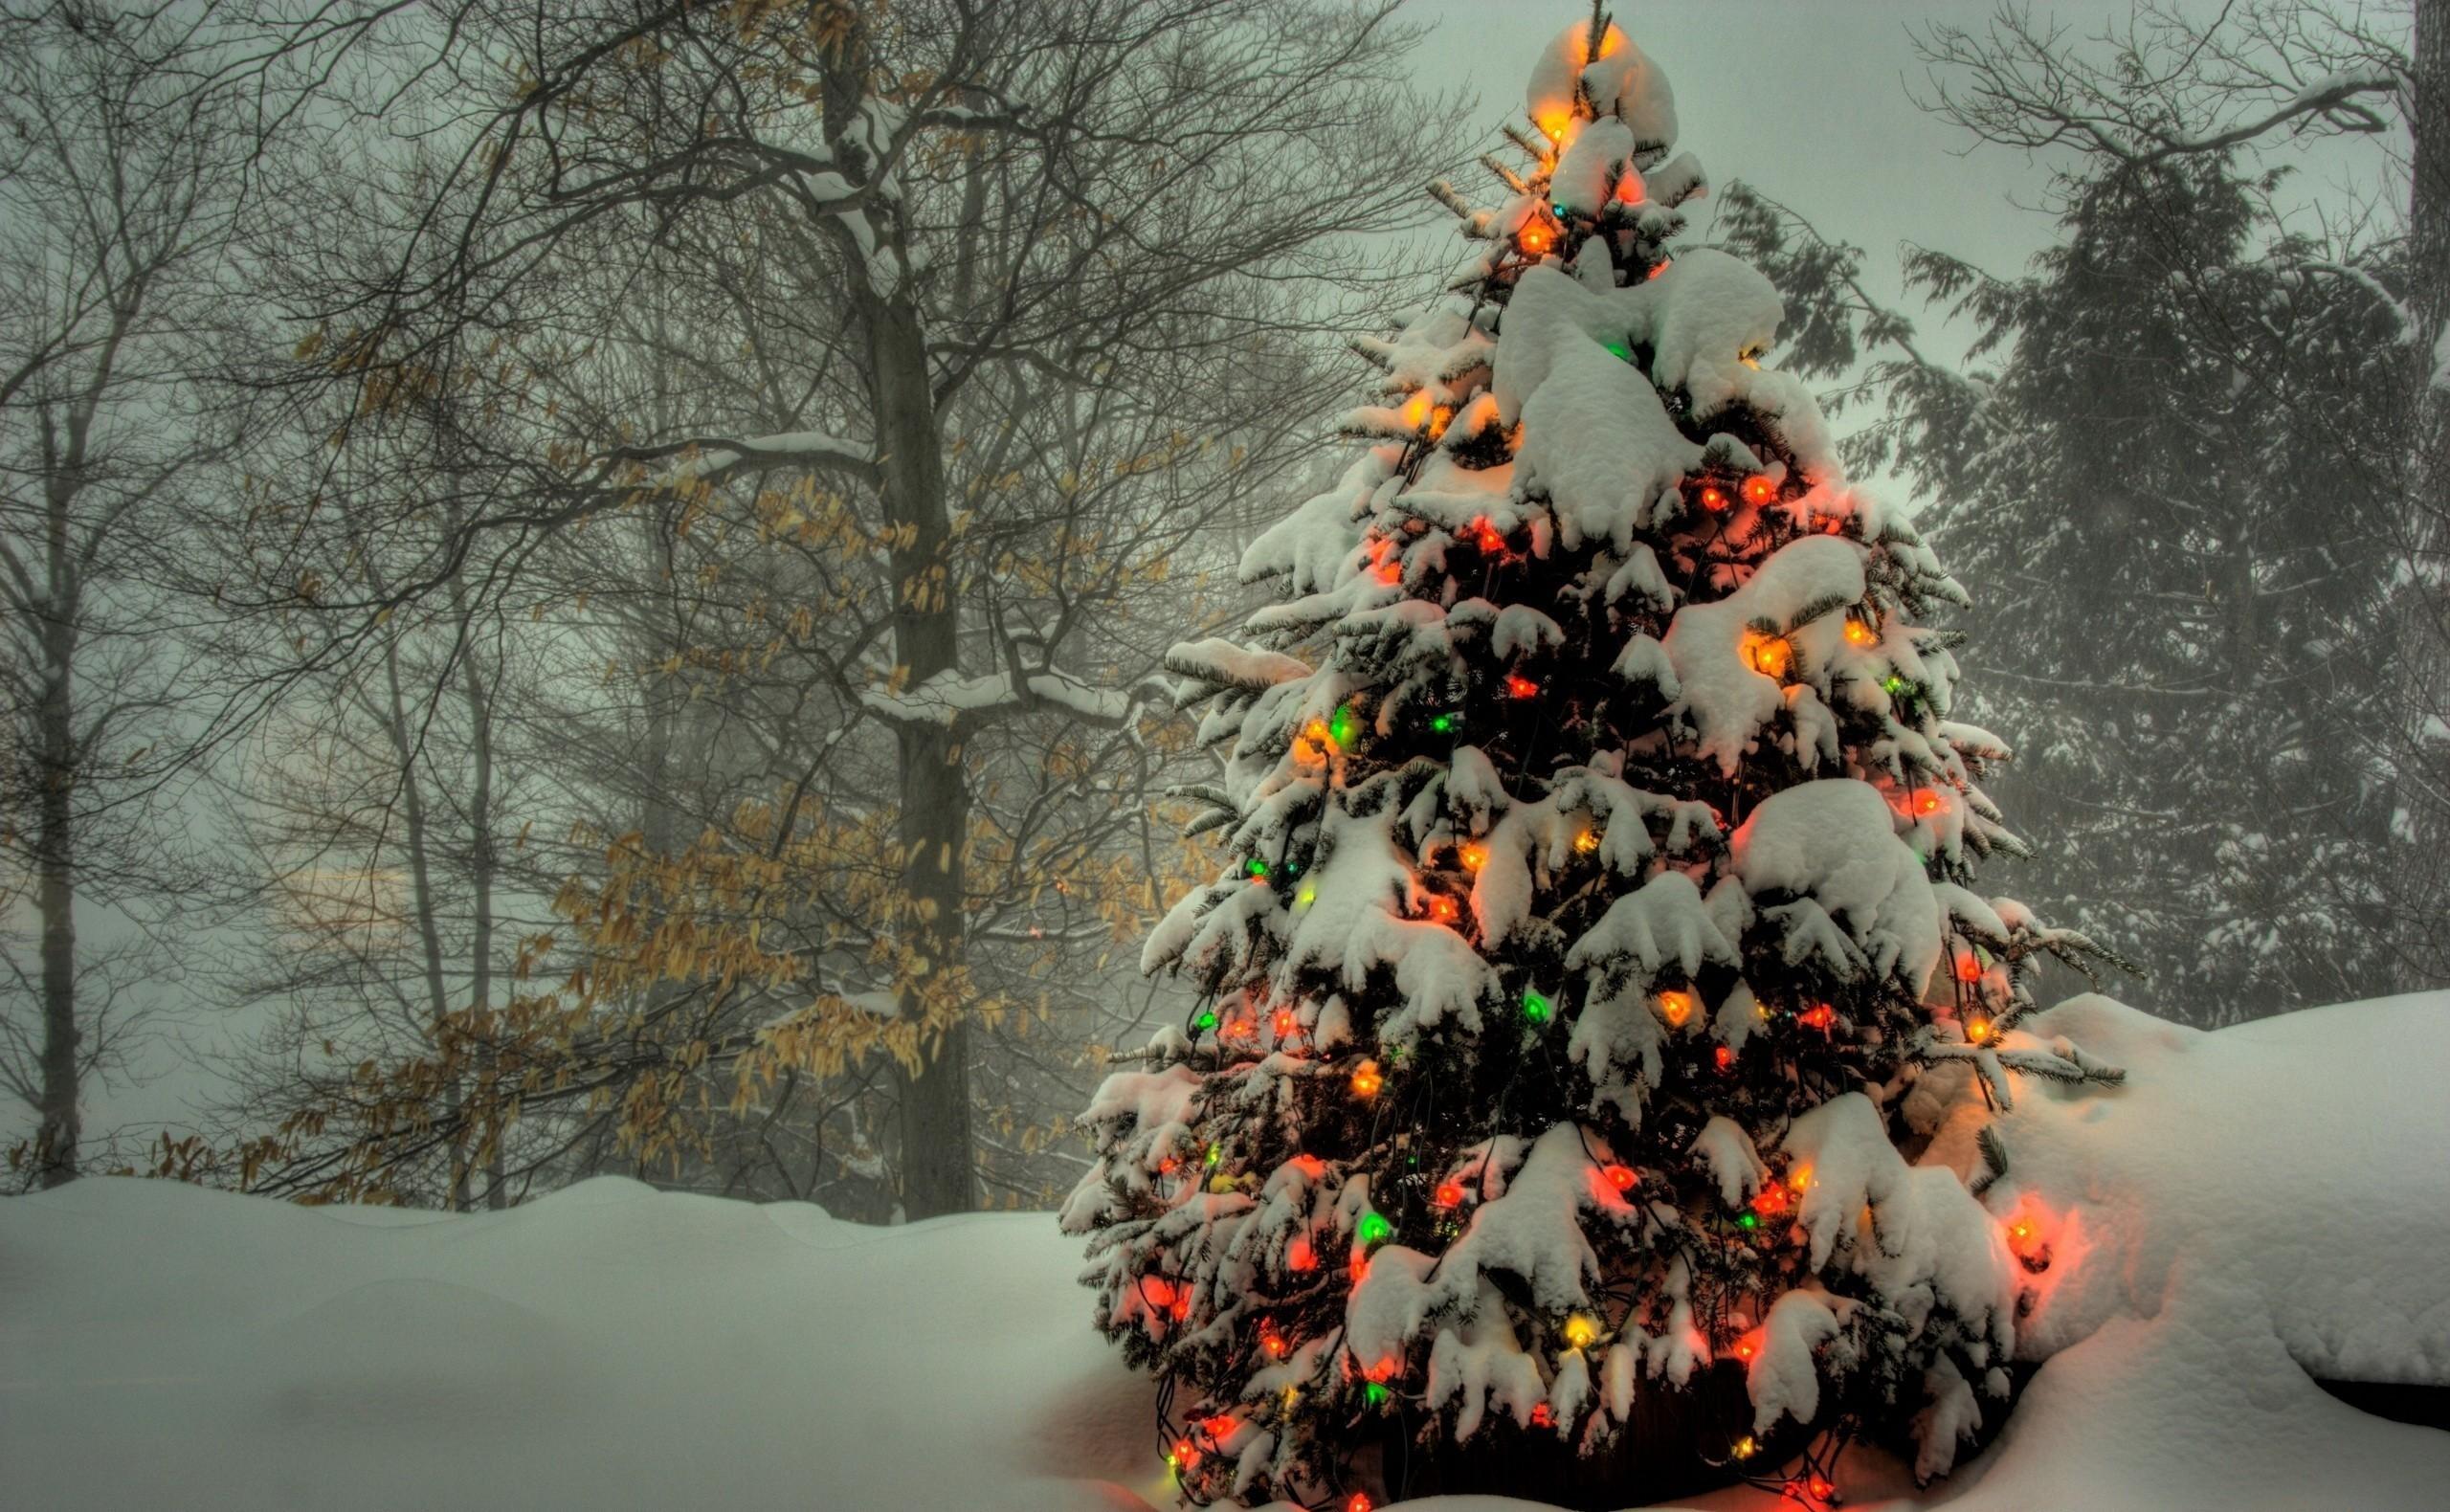 149927 скачать обои Зима, Снег, Праздник, Деревья, Новый Год, Праздники, Рождество, Елка, Гирлянды - заставки и картинки бесплатно